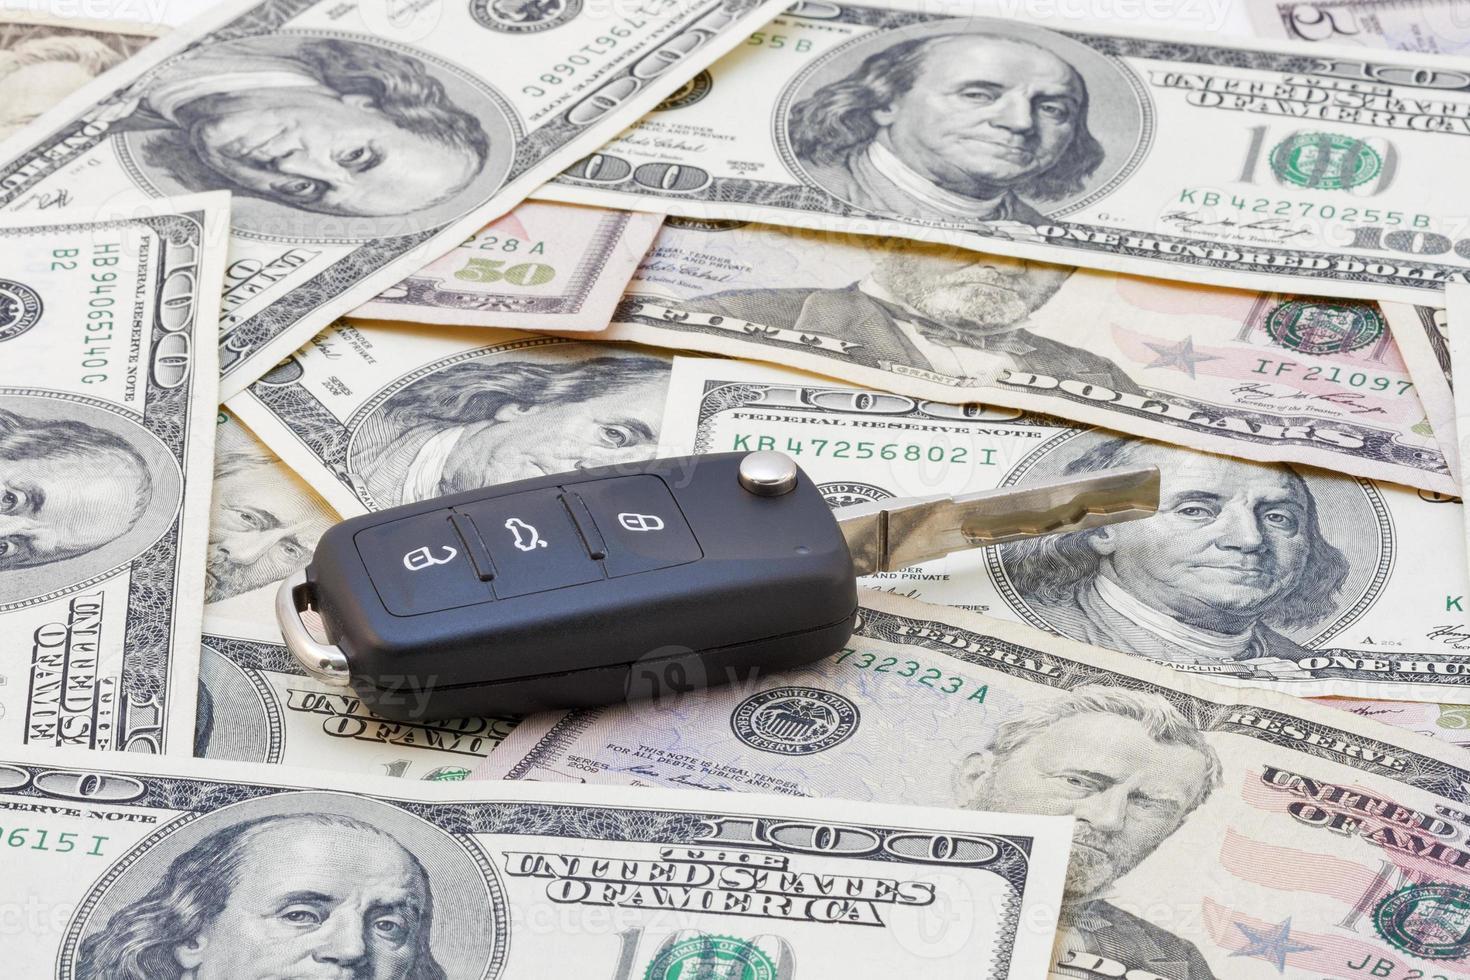 clés de voiture sur les billets en dollars photo